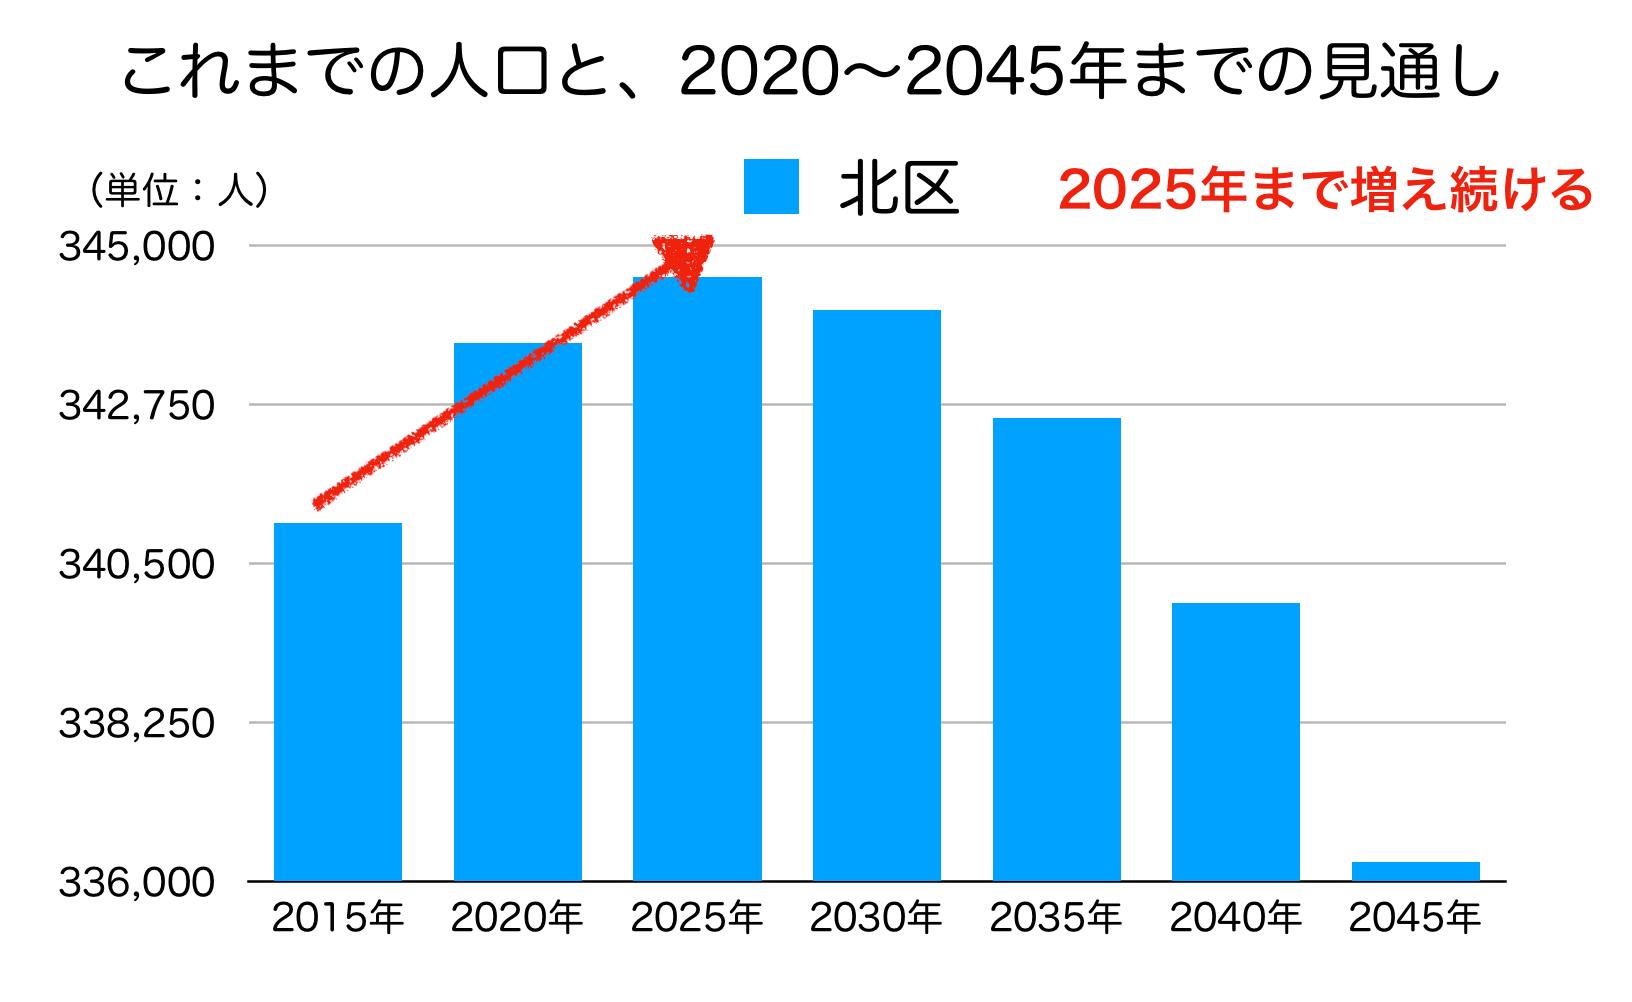 東京都北区の人口予測